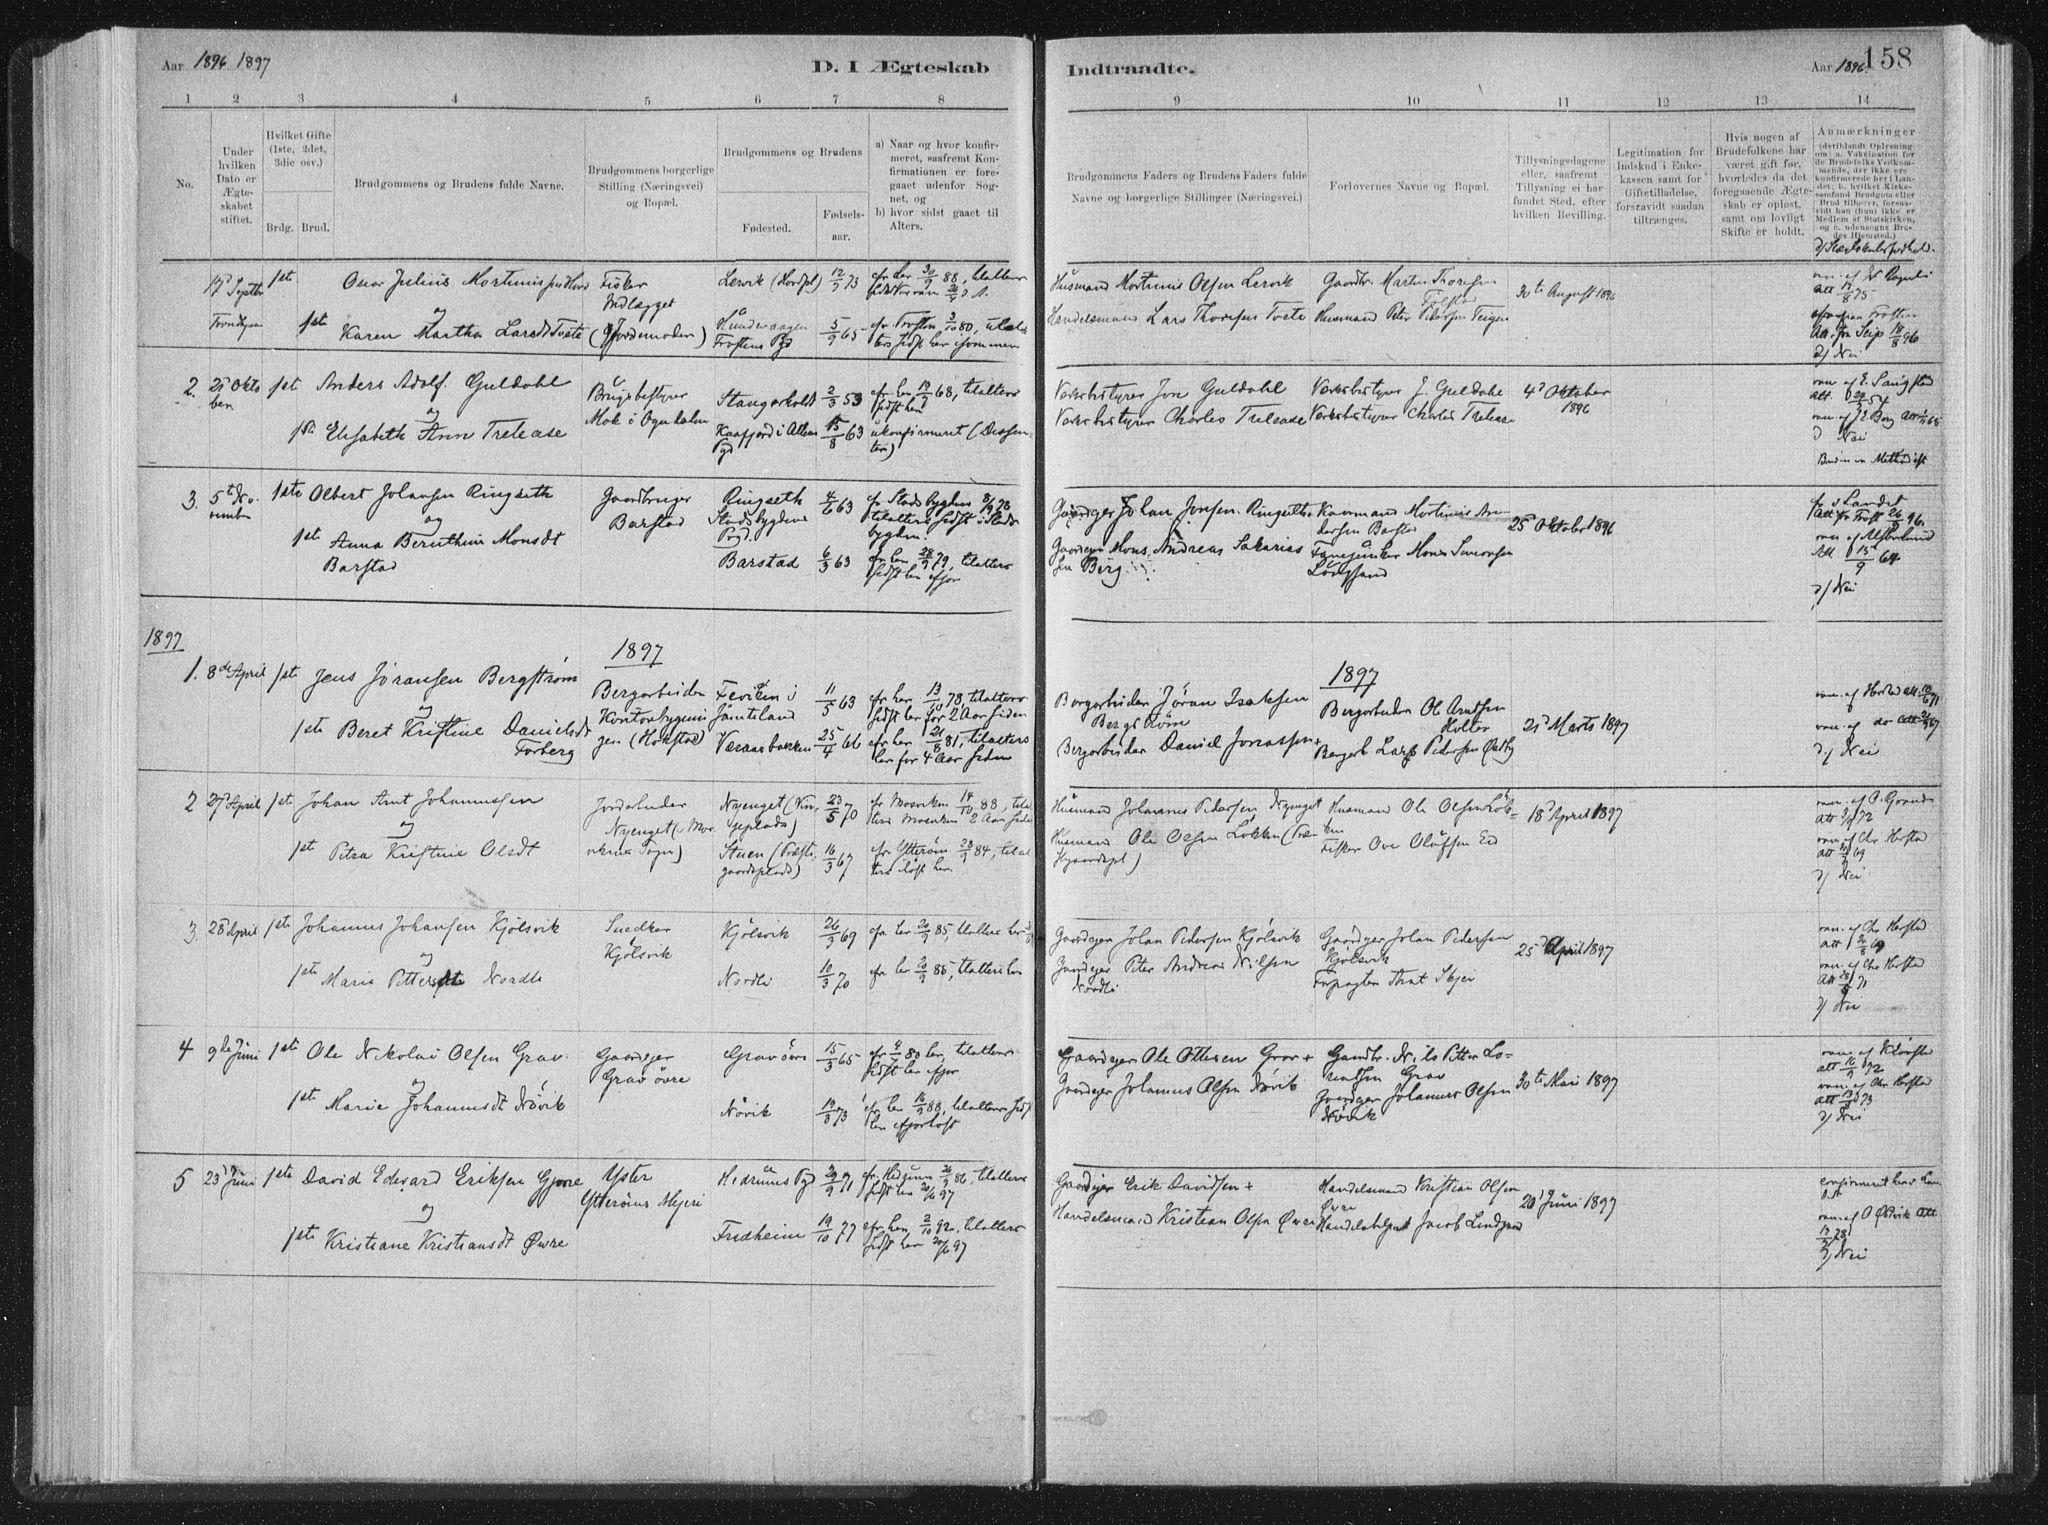 SAT, Ministerialprotokoller, klokkerbøker og fødselsregistre - Nord-Trøndelag, 722/L0220: Ministerialbok nr. 722A07, 1881-1908, s. 158